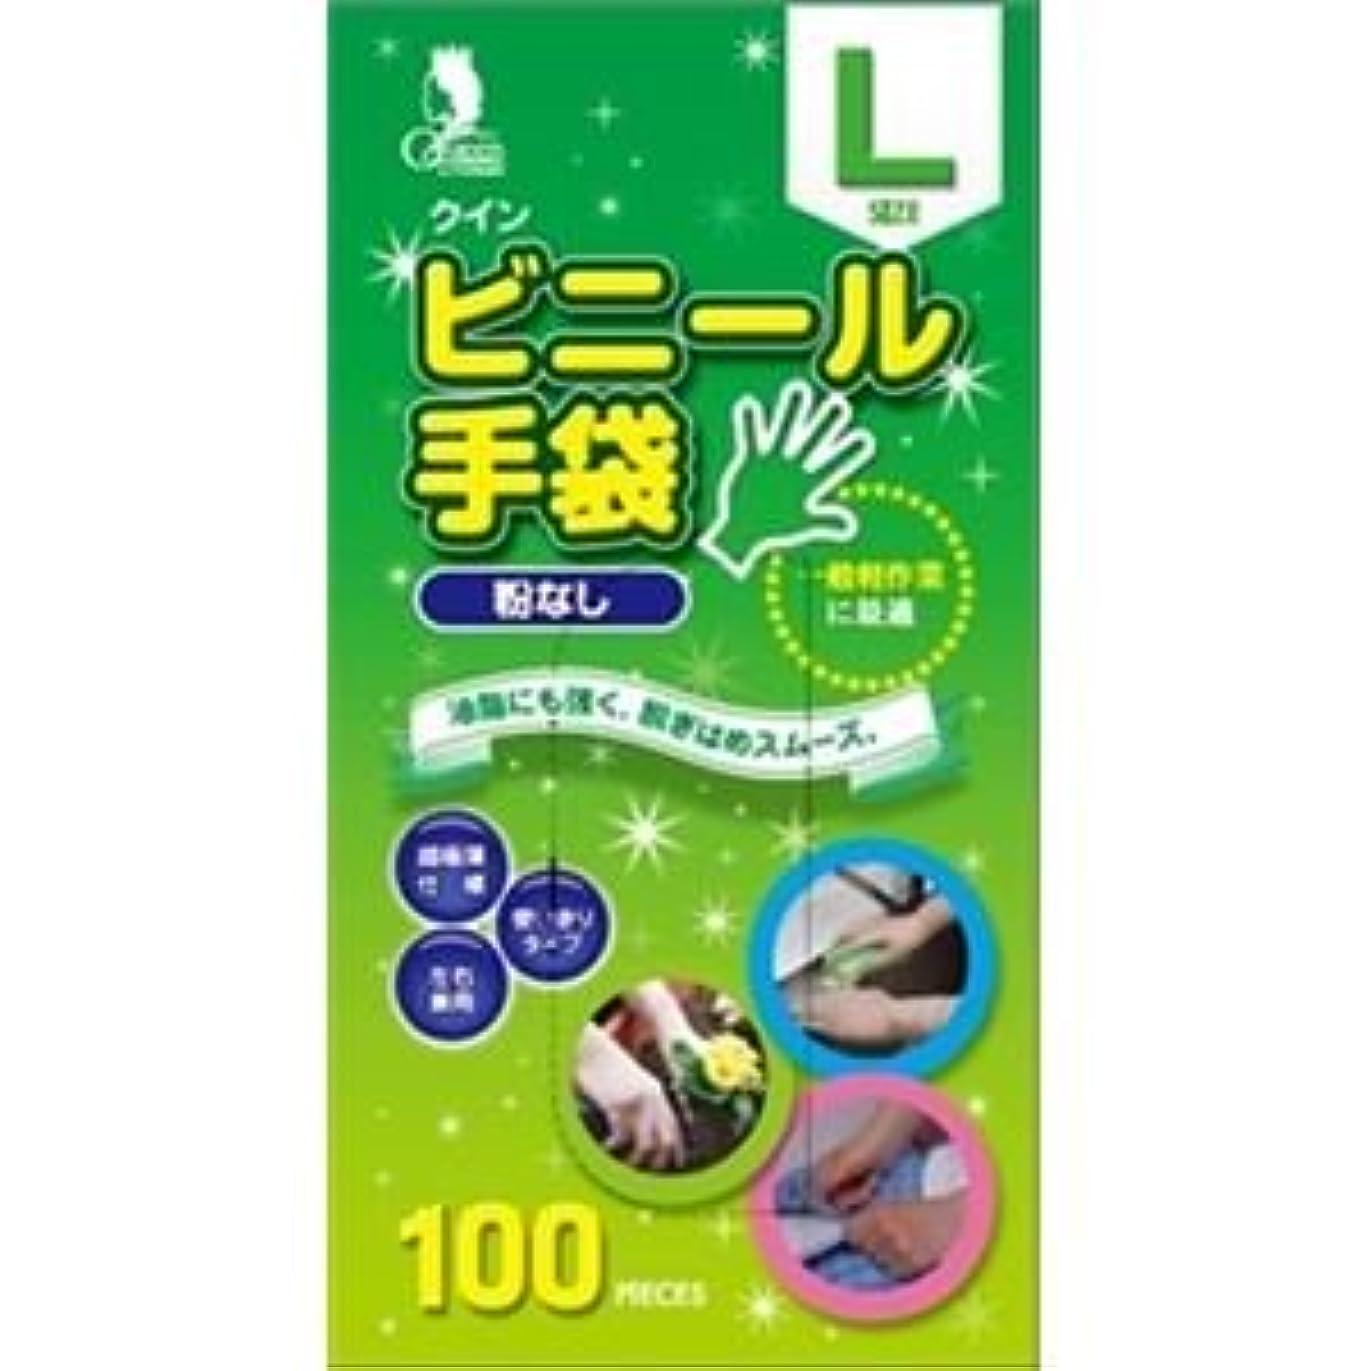 パドルかんたんフォロー(まとめ)宇都宮製作 クインビニール手袋100枚入 L (N) 【×3点セット】